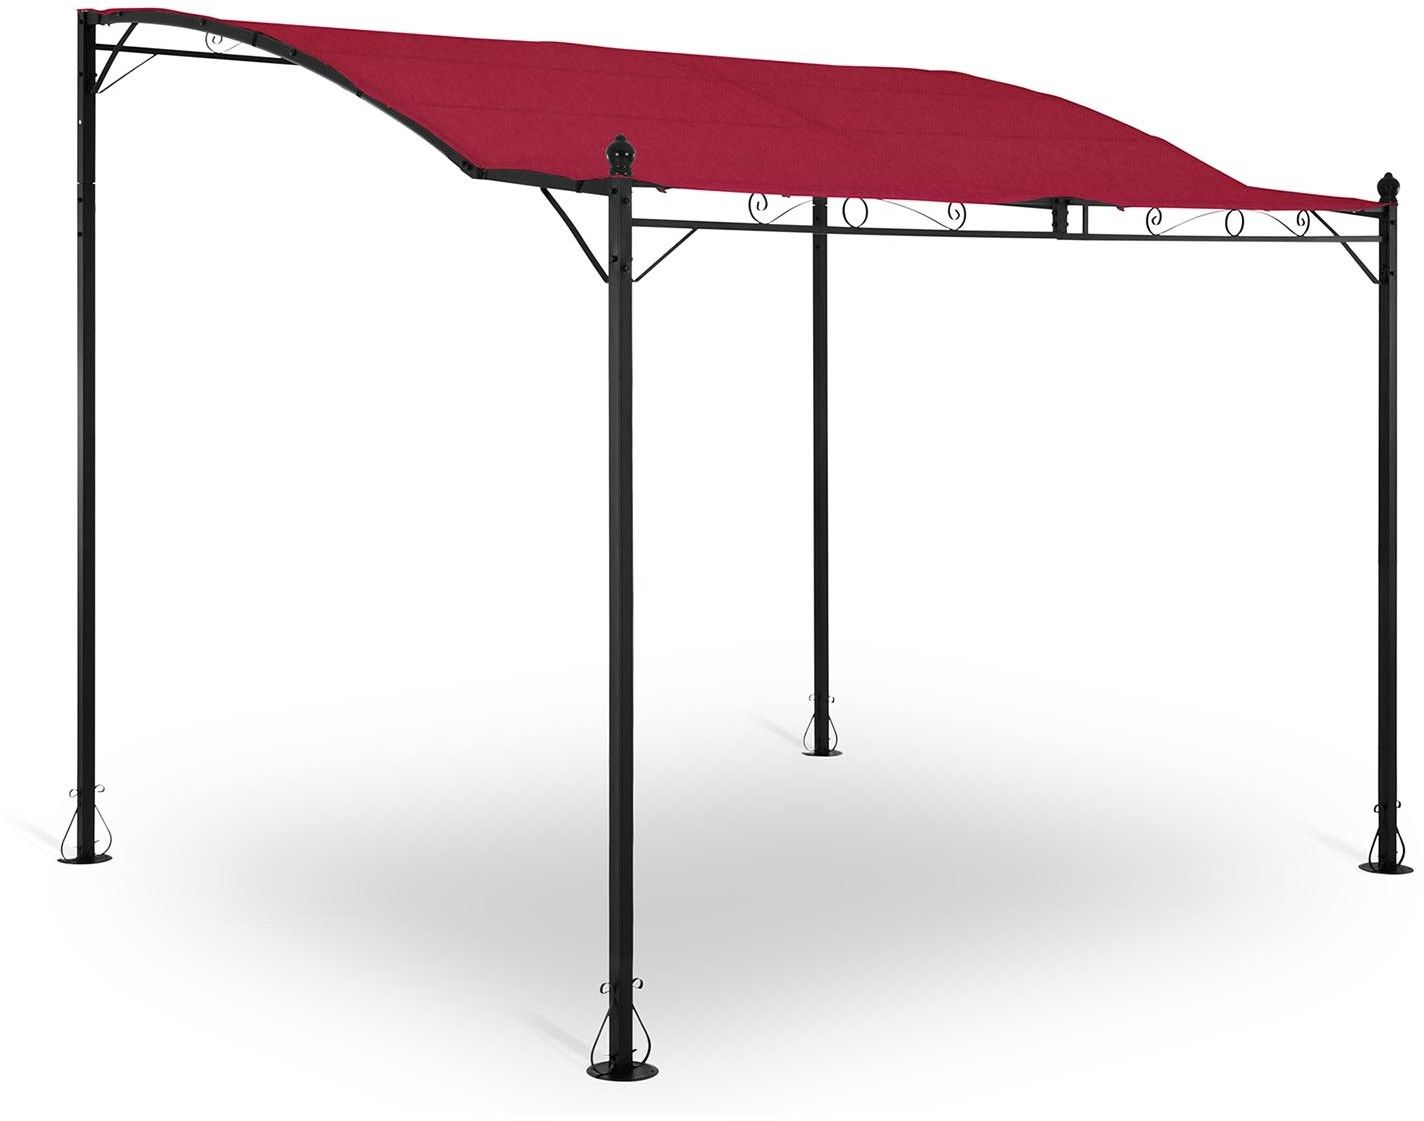 Pergola ogrodowa - 2,6 x 3 x 2,5 m - czerwona - Uniprodo - UNI_GAZEBO_ 3X2.5R - 3 lata gwarancji/wysyłka w 24h